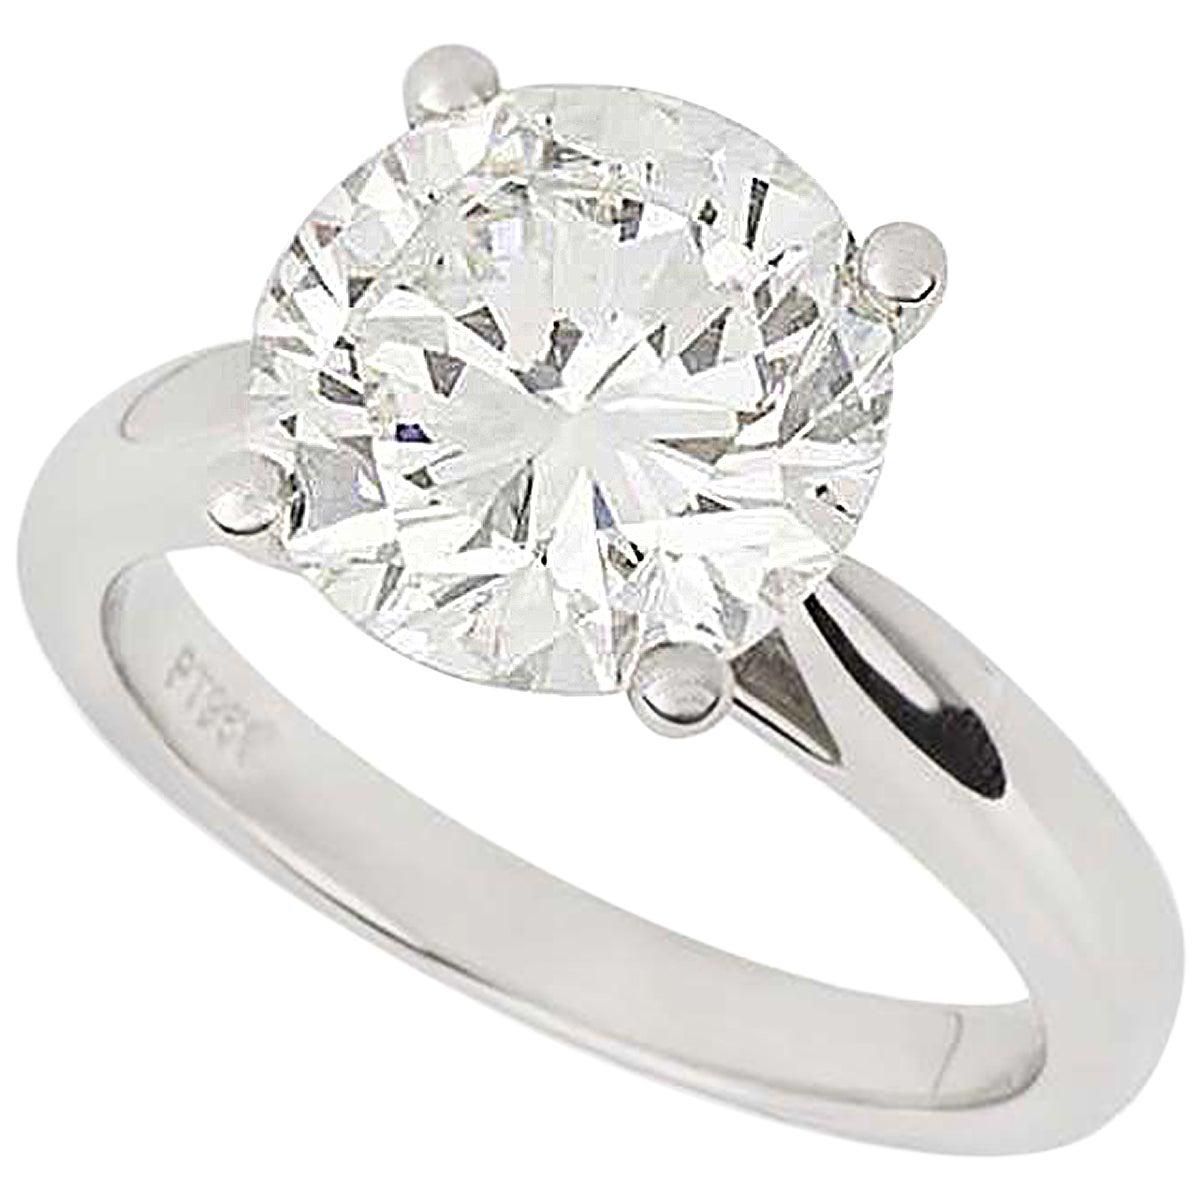 GIA Certified Diamond Platinum Engagement Ring 3.93 Carat